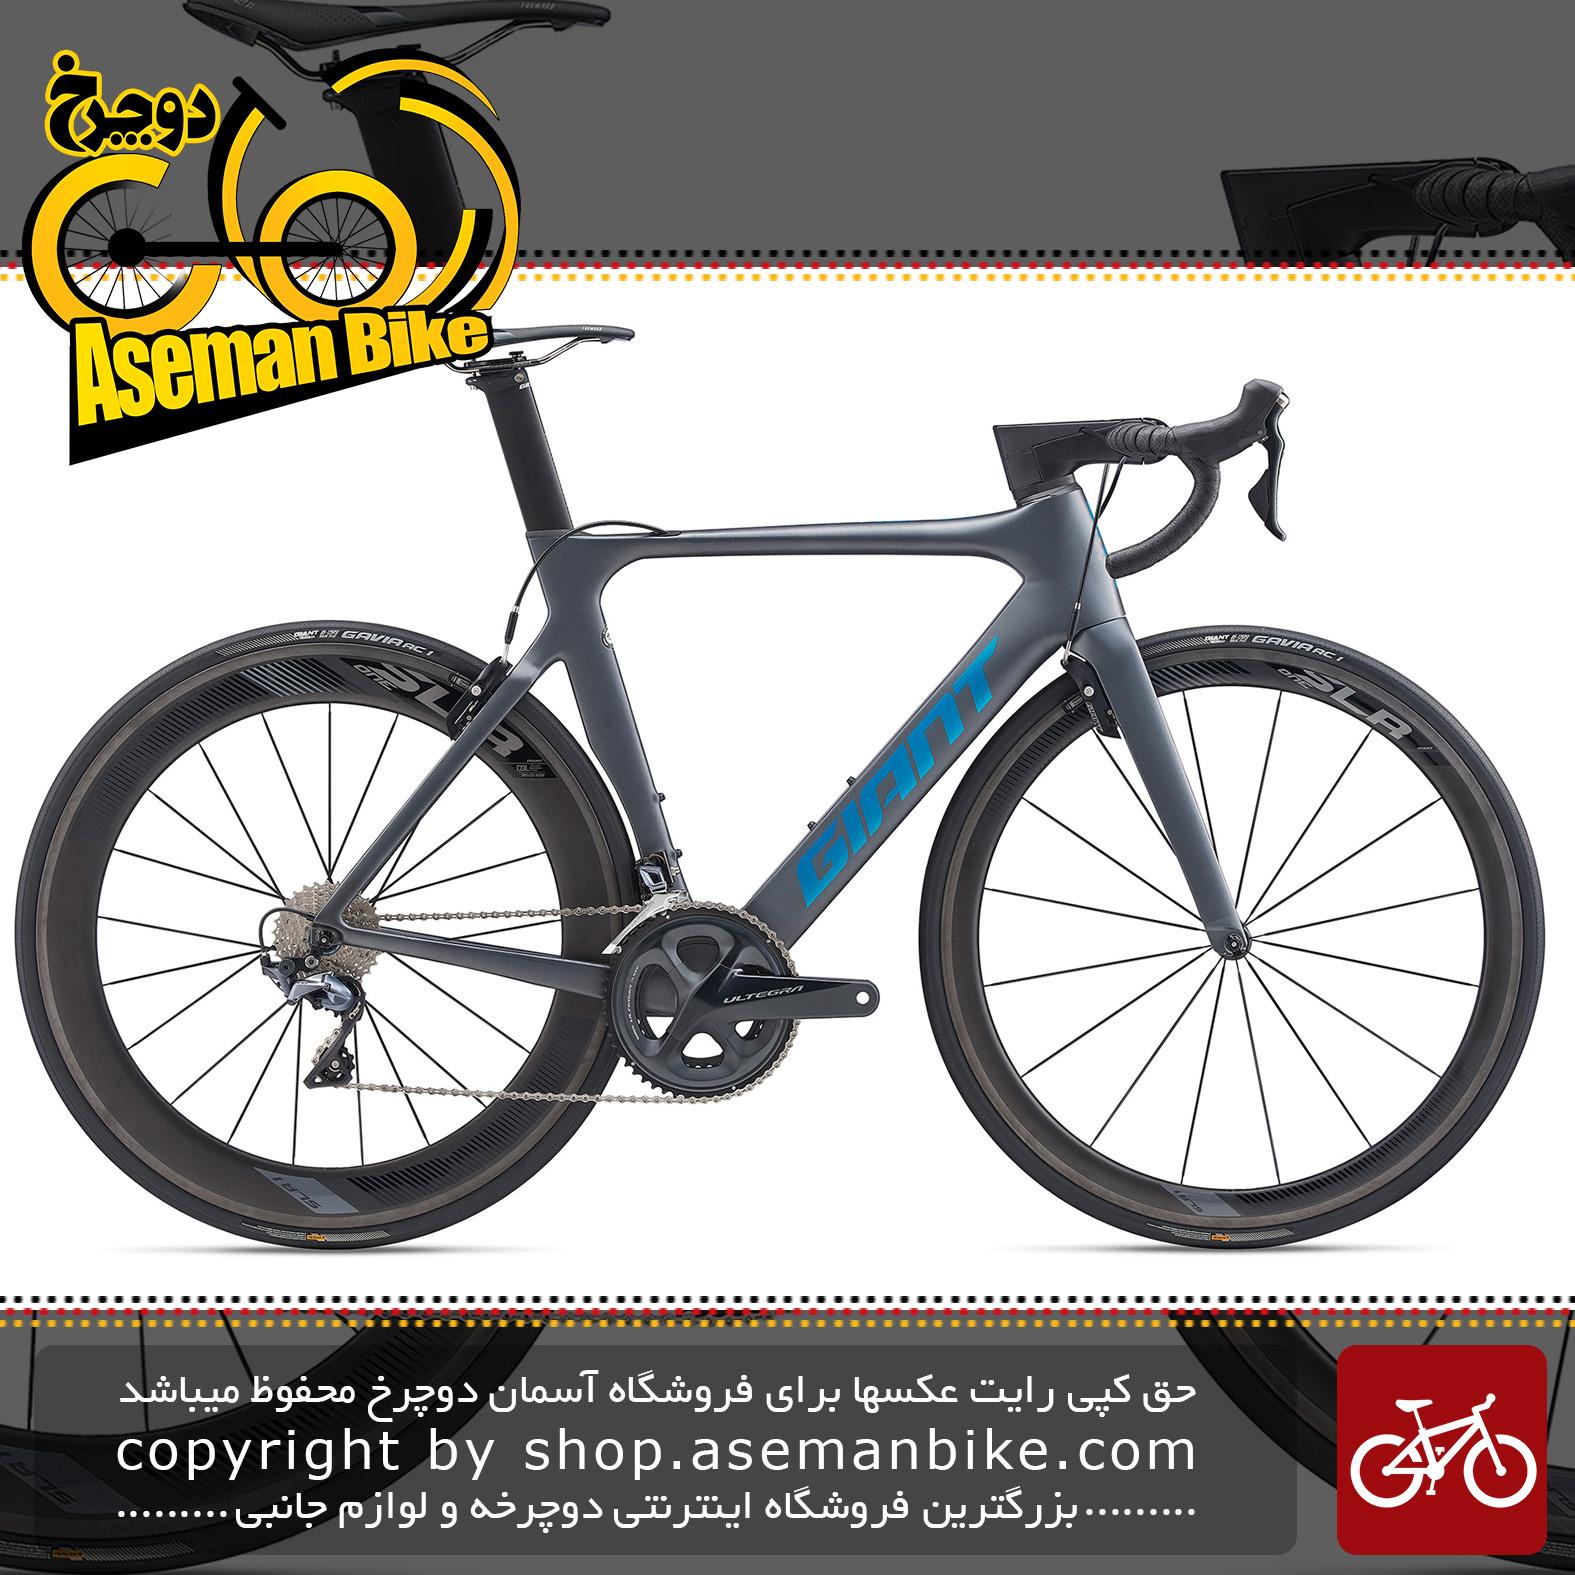 دوچرخه کورسی جاده جاینت مدل پروپل ادونس پرو 1 2020 Giant Road Bicycle Propel Advanced Pro 1 2020